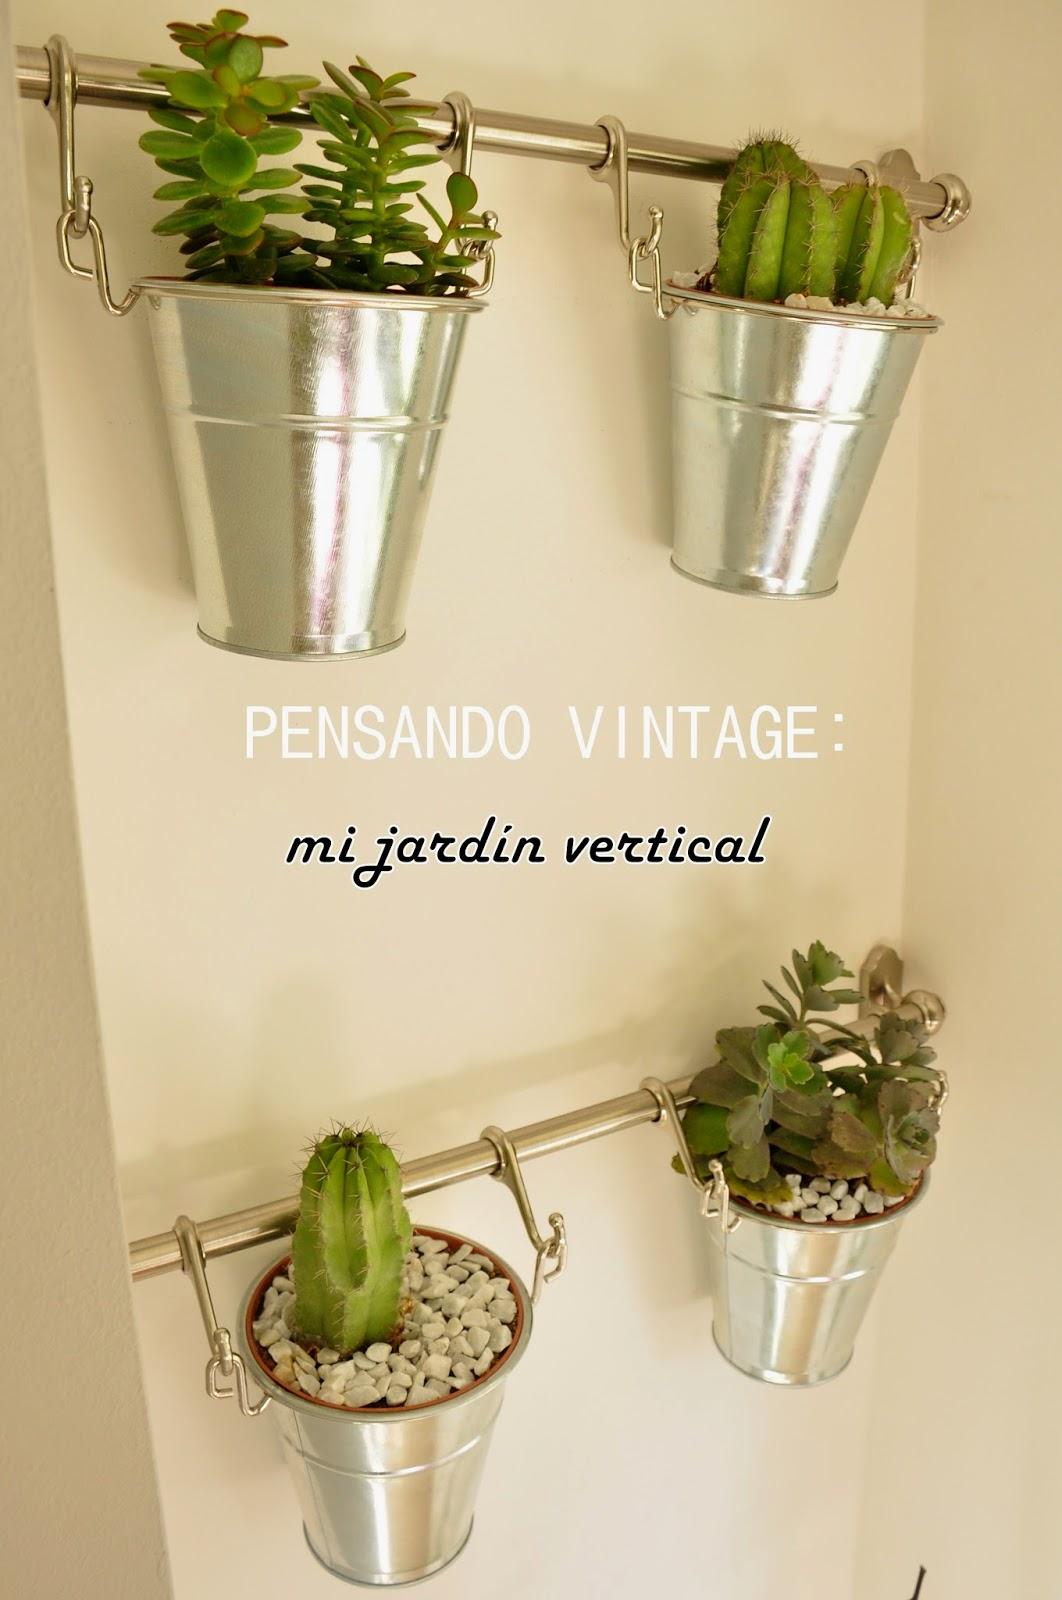 Pensando vintage c mo hacer un jard n vertical en el for Como hacer un jardin interior en casa